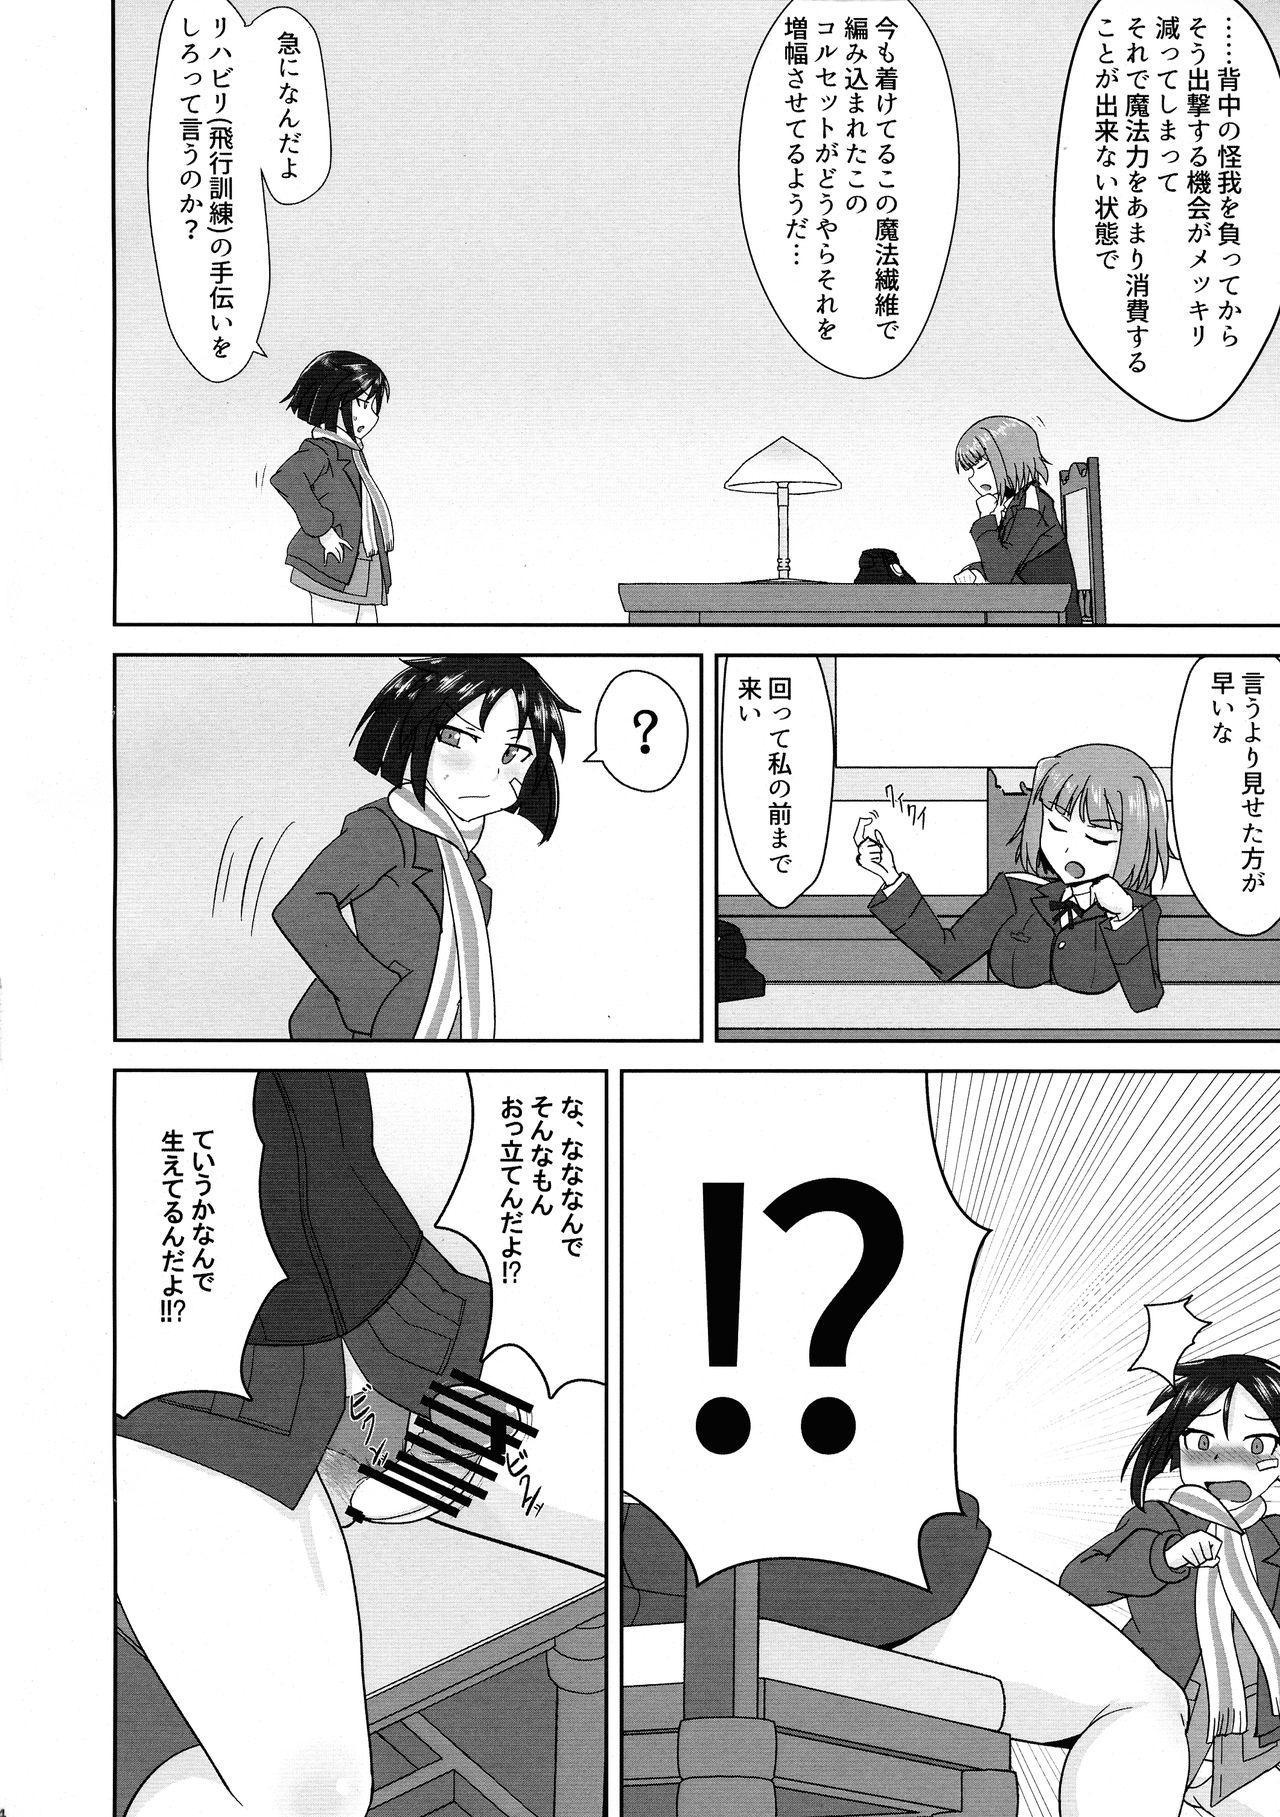 Nao-chan no Houshi Katsudou 3